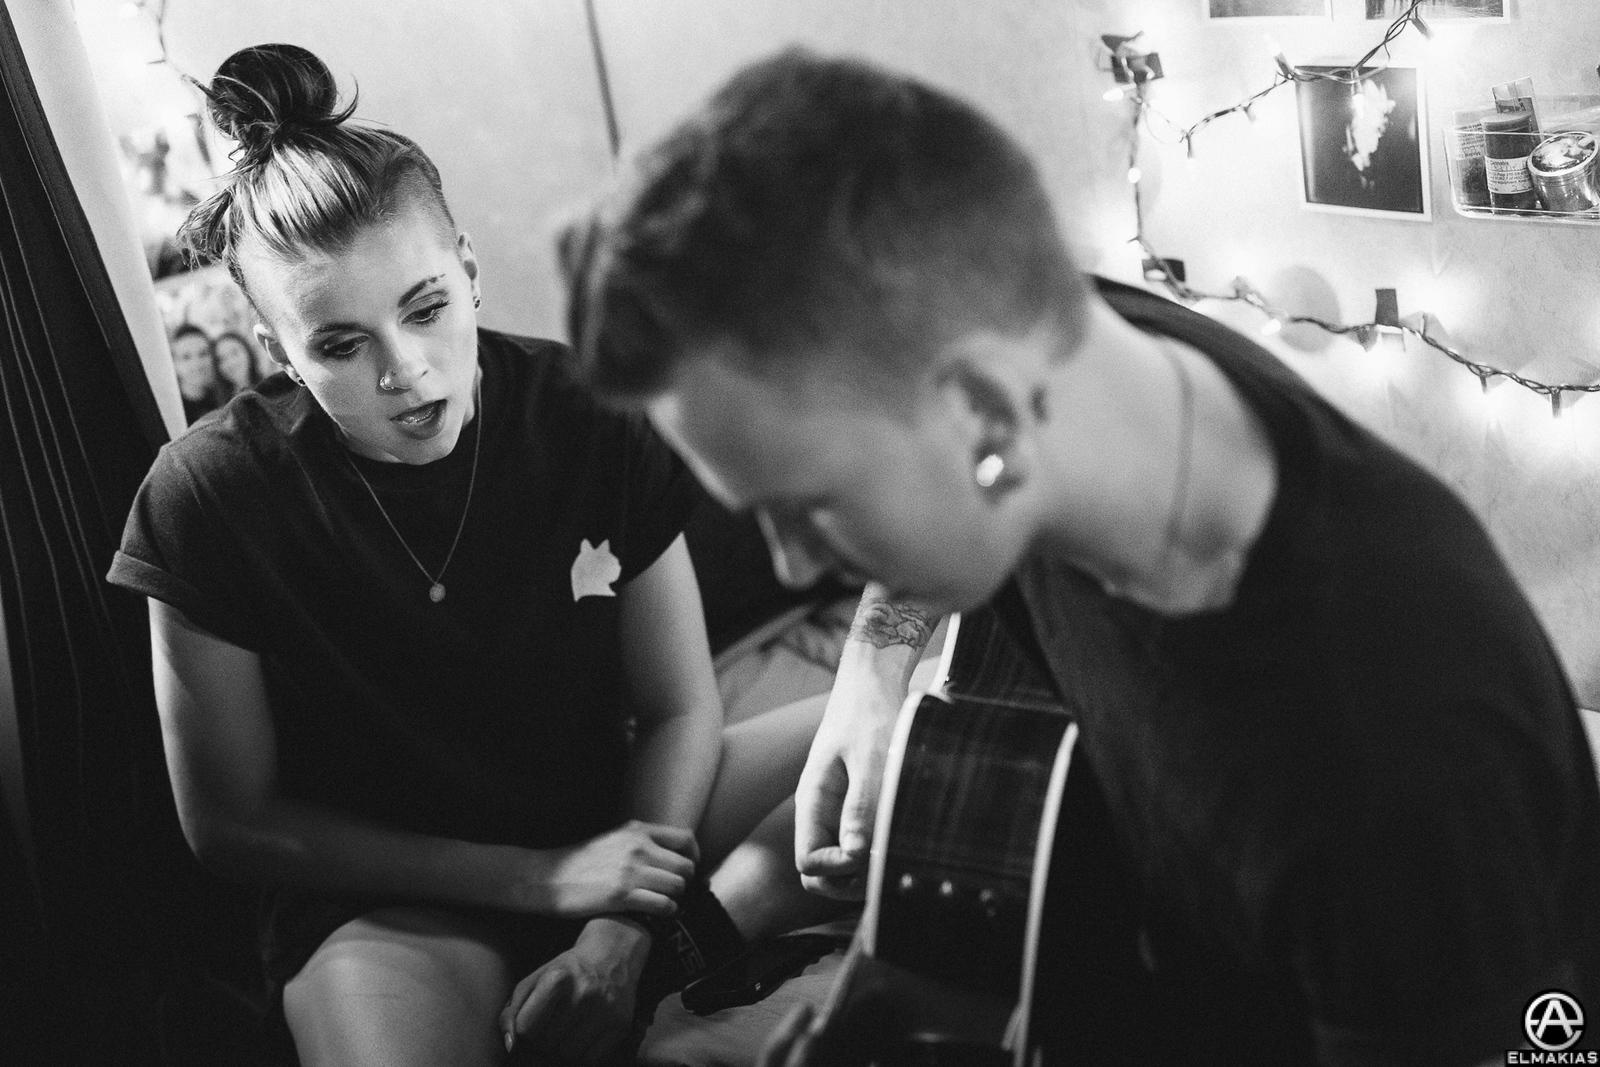 Lynn Gunn and Alex Babinski of PVRIS at Vans Warped Tour 2015 by Adam Elmakias